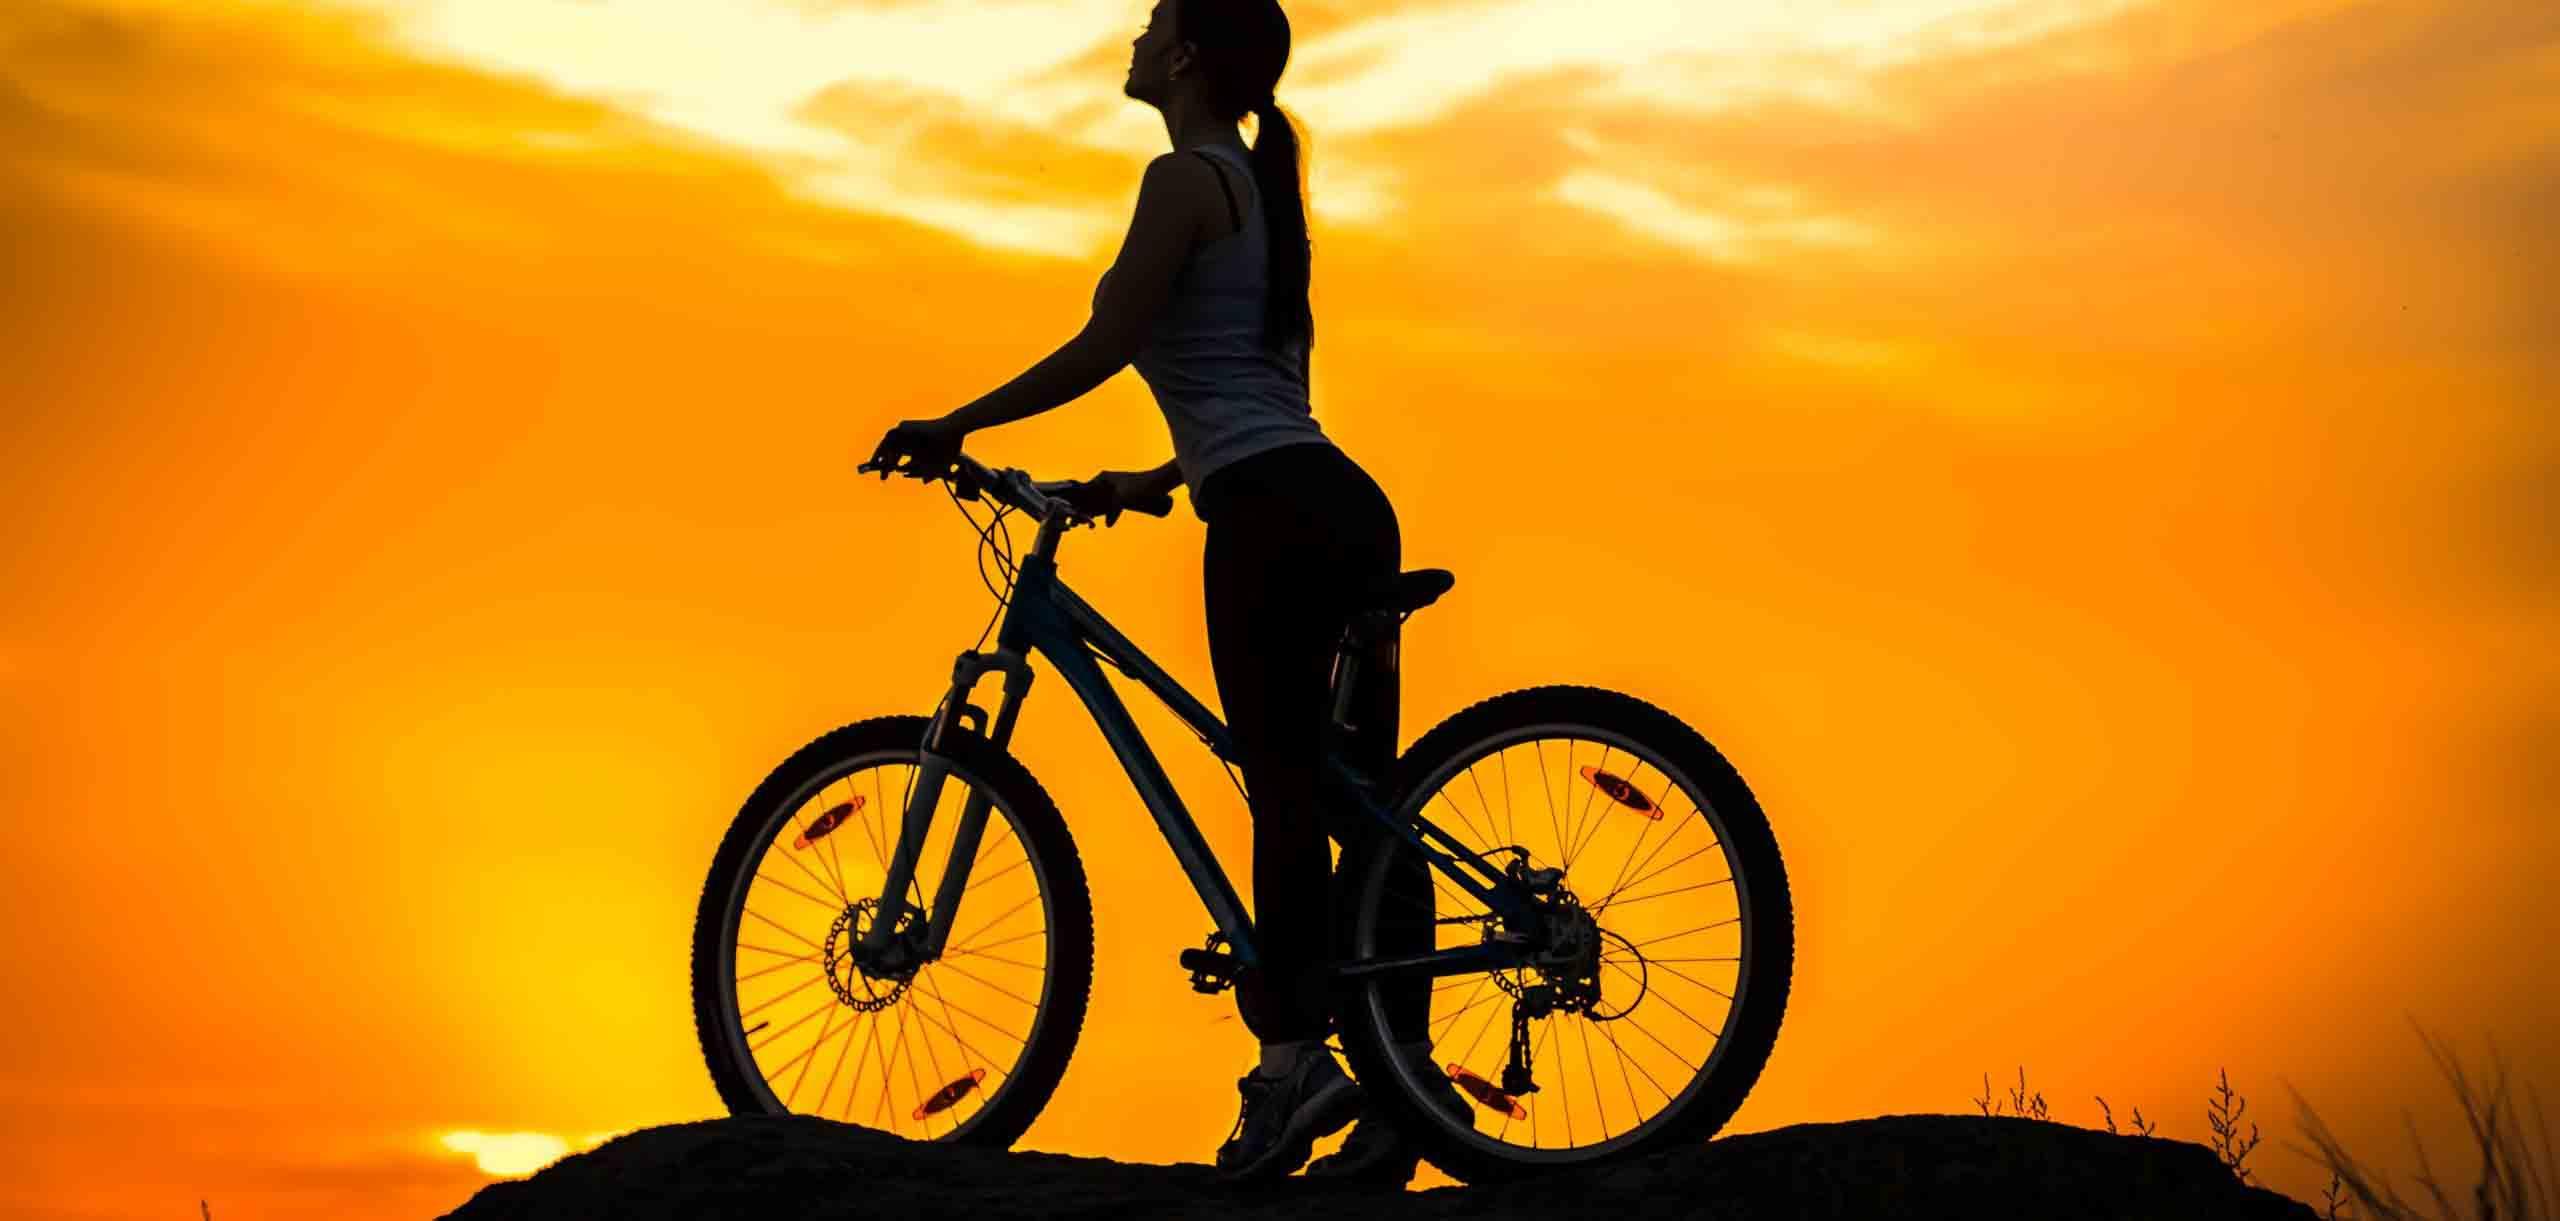 Dor nos glúteos <br>após pedalar?